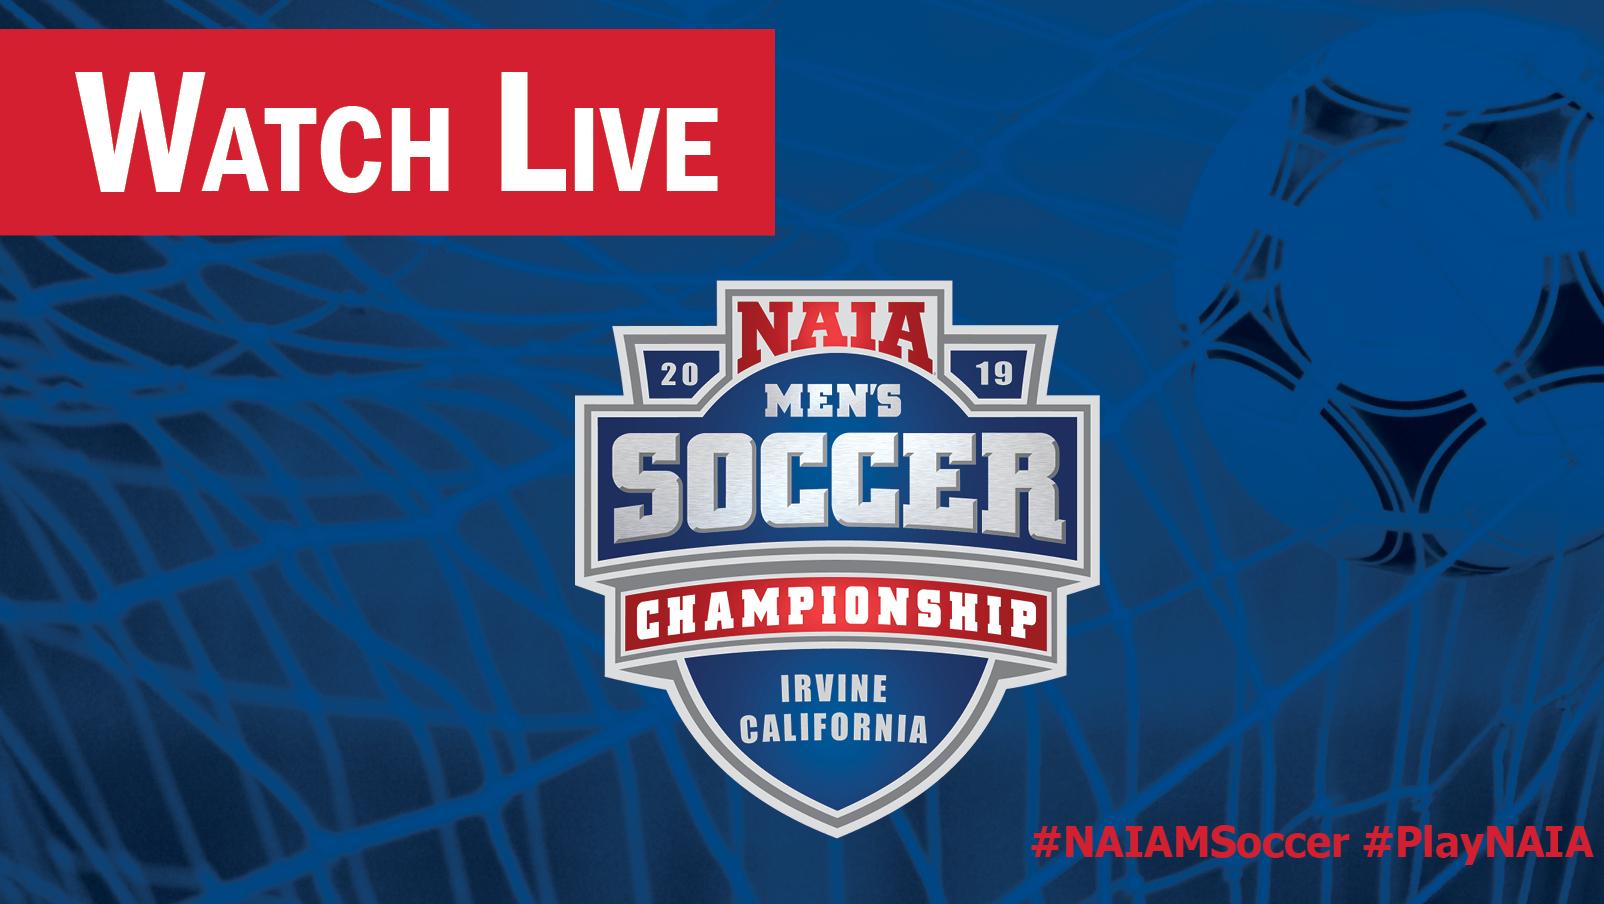 NAIA Men's Soccer